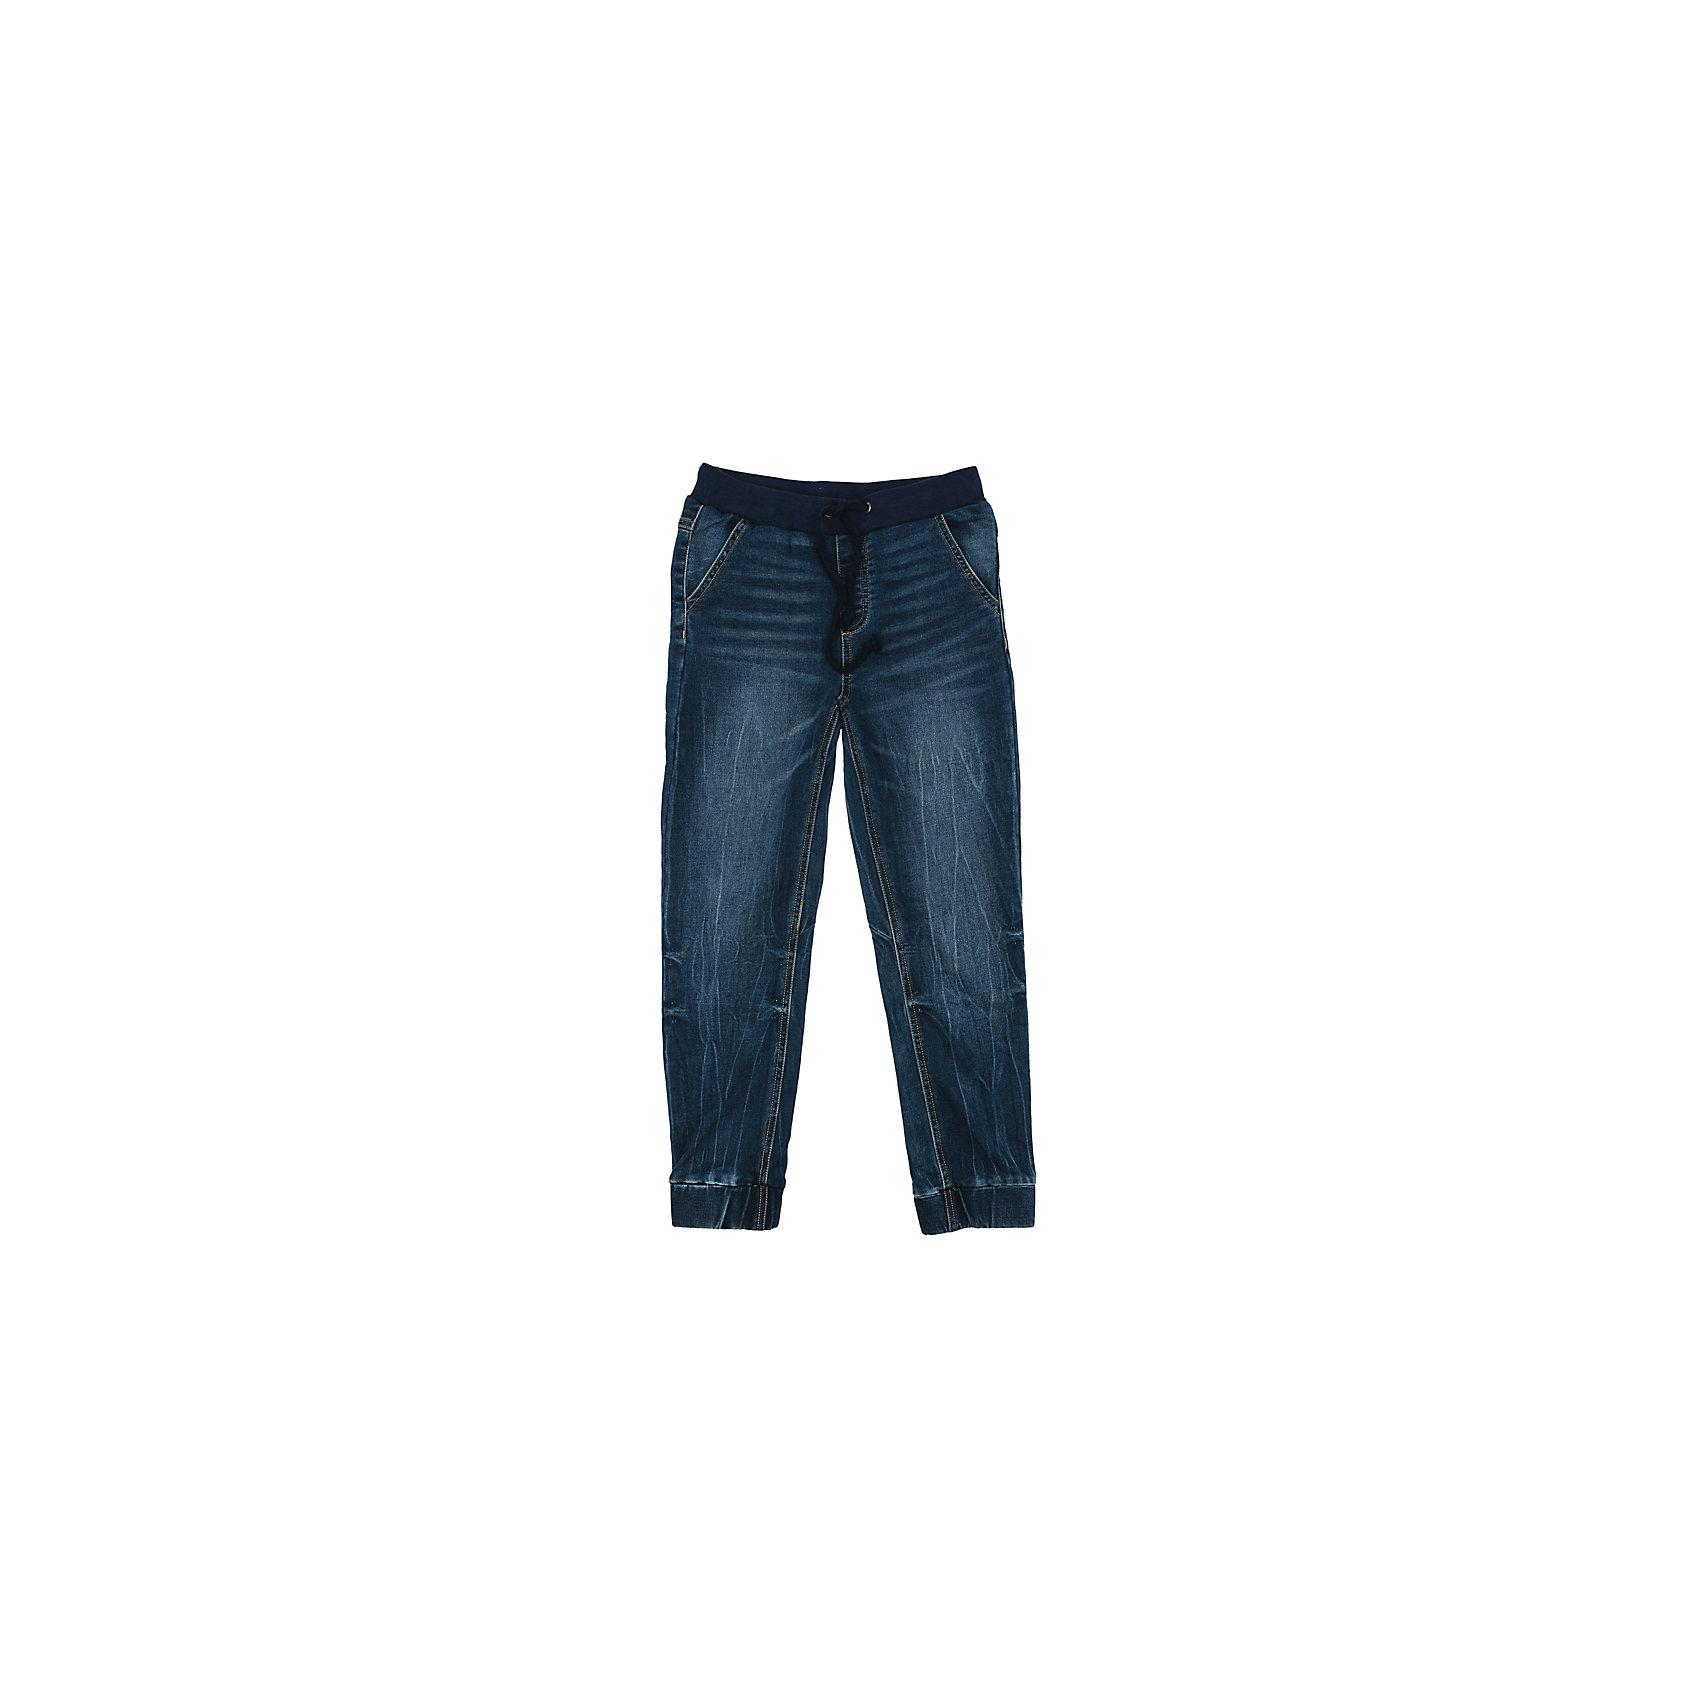 Джинсы для мальчика ScoolДжинсы для мальчика Scool<br>Джинсы джинсы из натуральной ткани с эффектом потертости прекрасно подойдут Вашему ребенку для отдыха и прогулок. Модель на широкой резинке, дополнительно снабжена регулируемым шнуром - кулиской на поясе. Мягкая ткань не сковывает движений ребенка.  Могут быть хорошей базовой вещью в детском гардеробе.<br>Состав:<br>78% хлопок, 20% полиэстер, 2% эластан<br><br>Ширина мм: 215<br>Глубина мм: 88<br>Высота мм: 191<br>Вес г: 336<br>Цвет: полуночно-синий<br>Возраст от месяцев: 156<br>Возраст до месяцев: 168<br>Пол: Мужской<br>Возраст: Детский<br>Размер: 164,134,140,146,152,158<br>SKU: 5406707